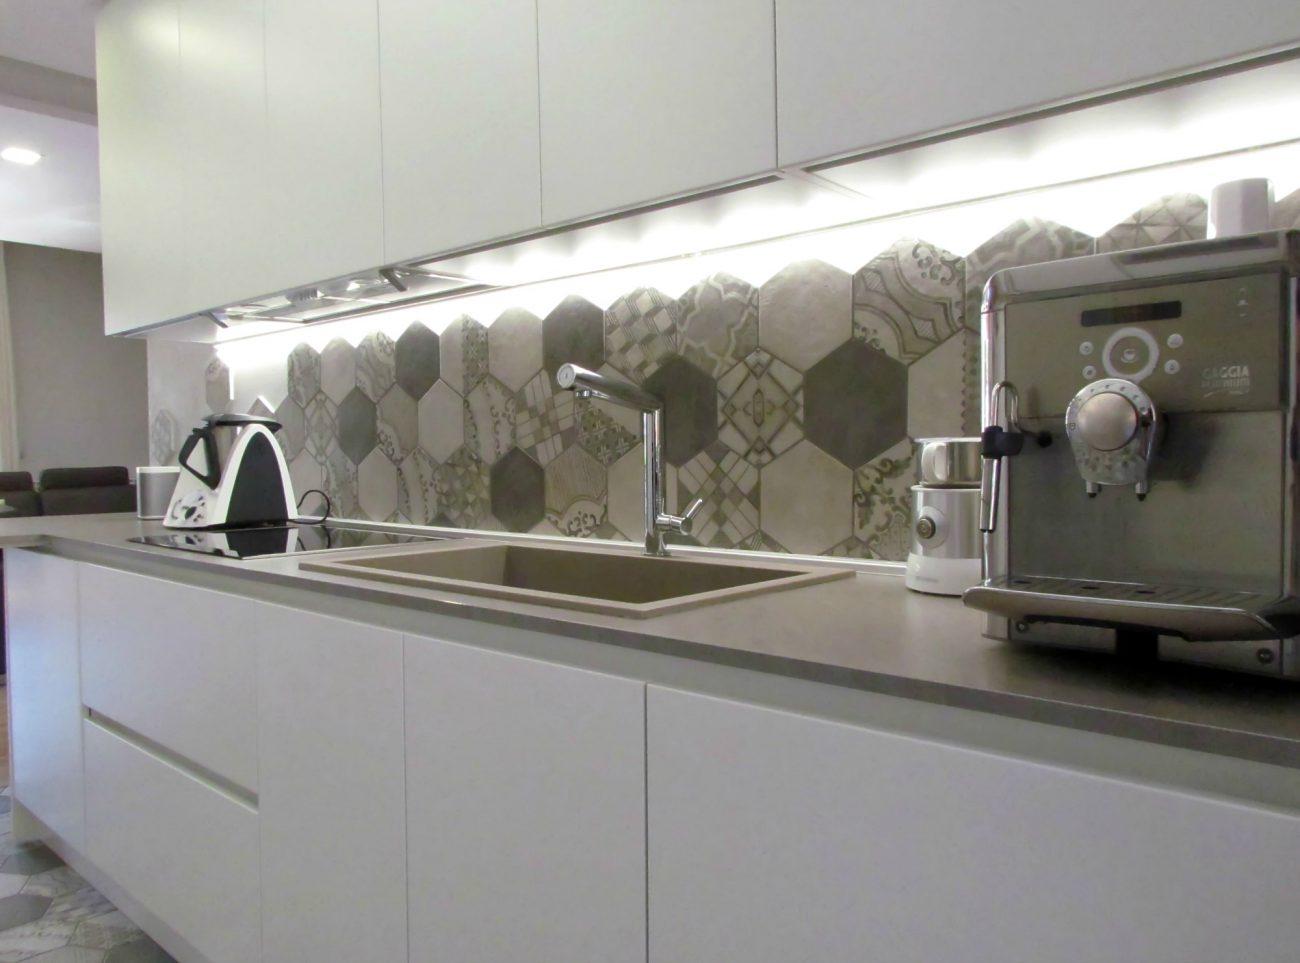 Cementine cucina gallery of piastrelle esagonali e cementine da